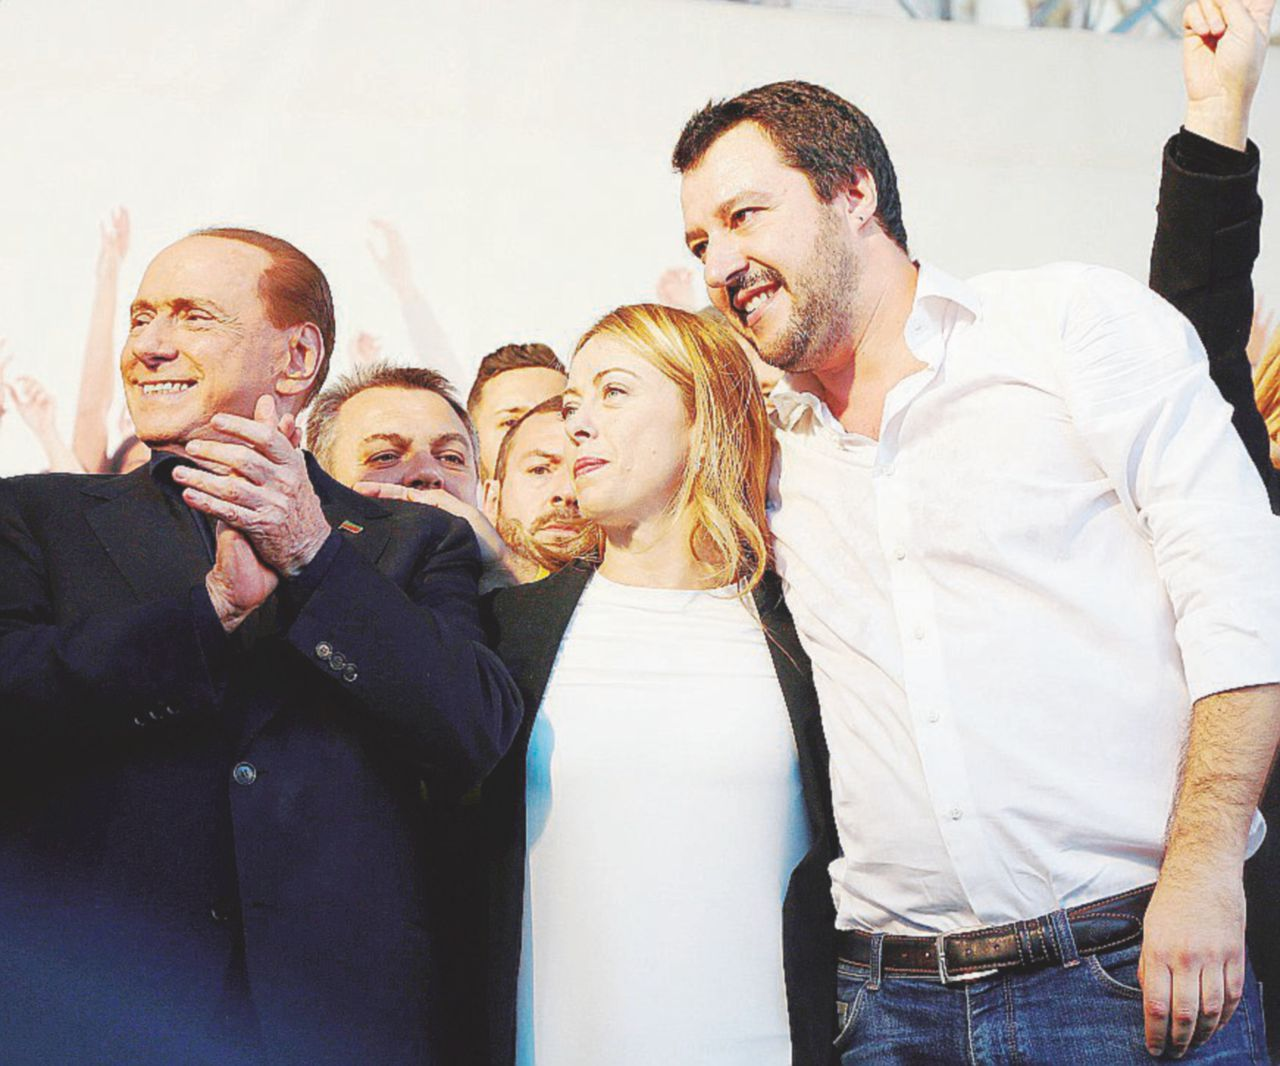 L'equivoco Caimano: in realtà hanno vinto astenuti e anti-Renzi